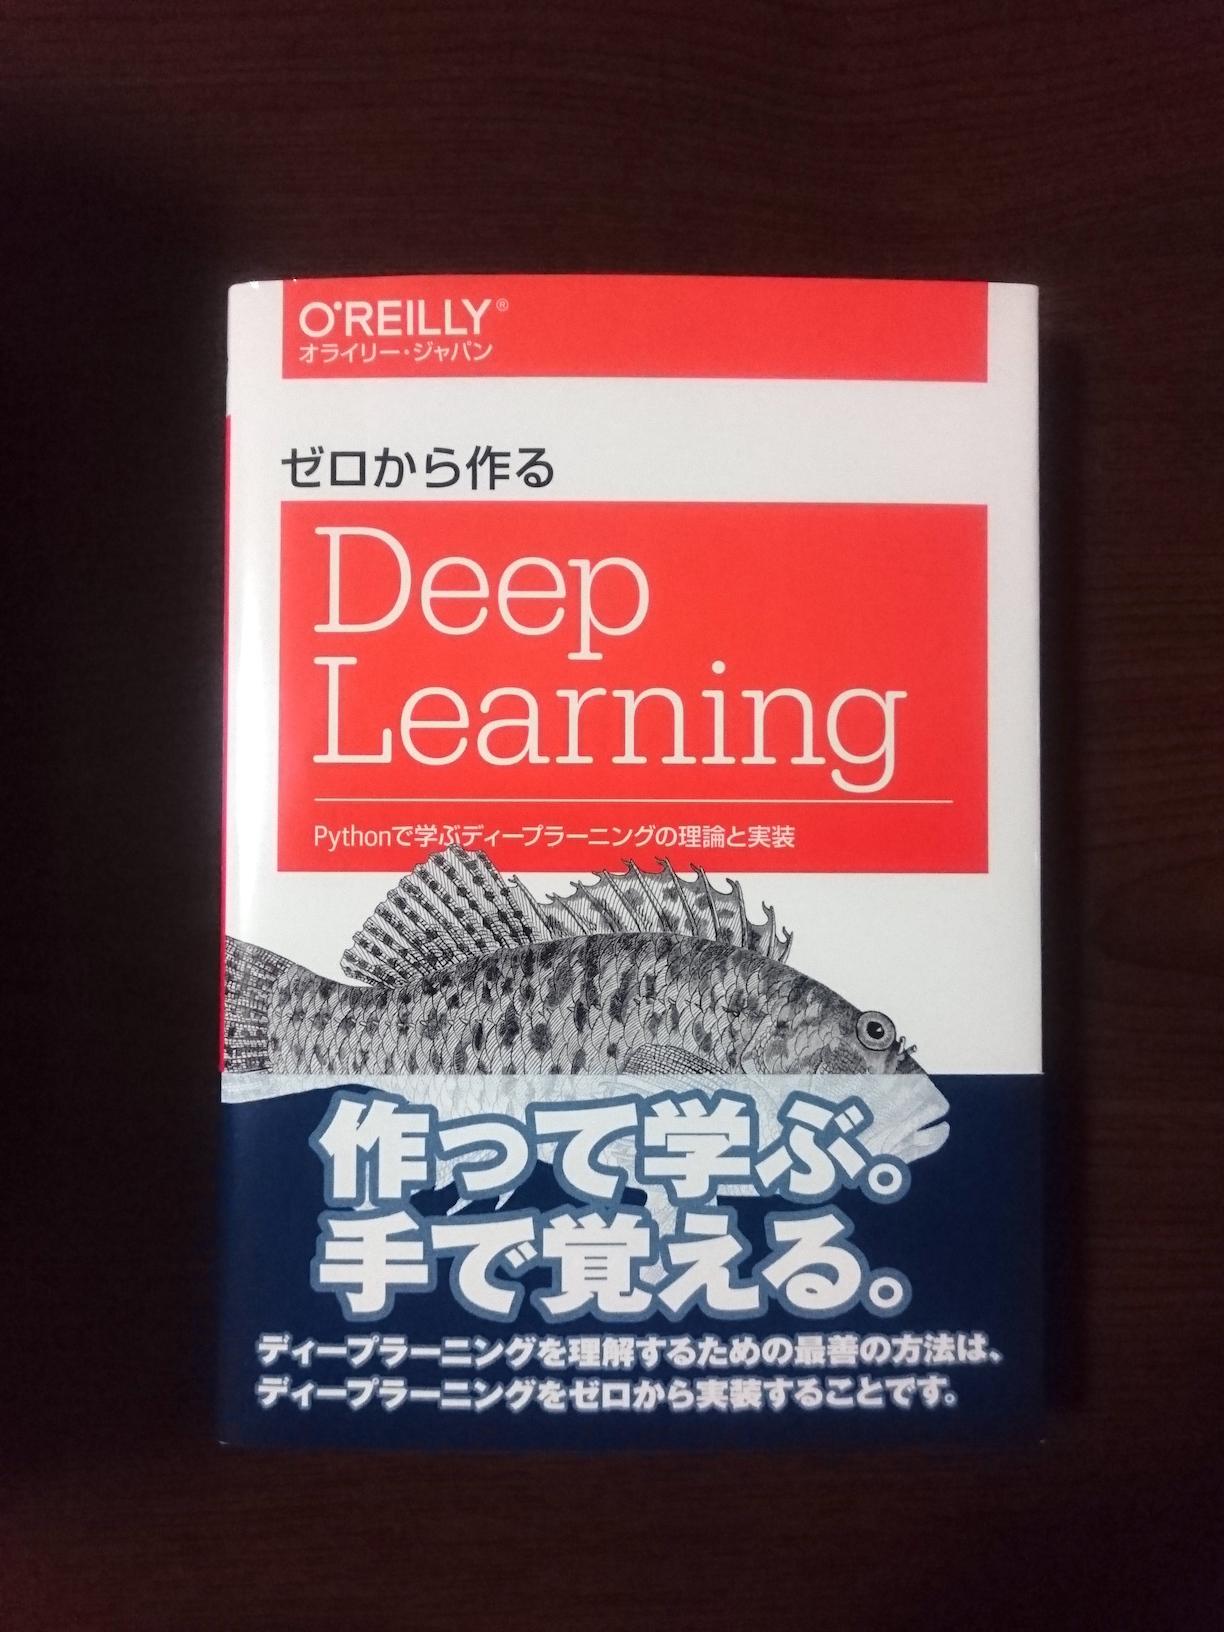 ゼロ から 作る deep learning 3 ゼロから作るDeep Learningで素人がつまずいたことメモ: